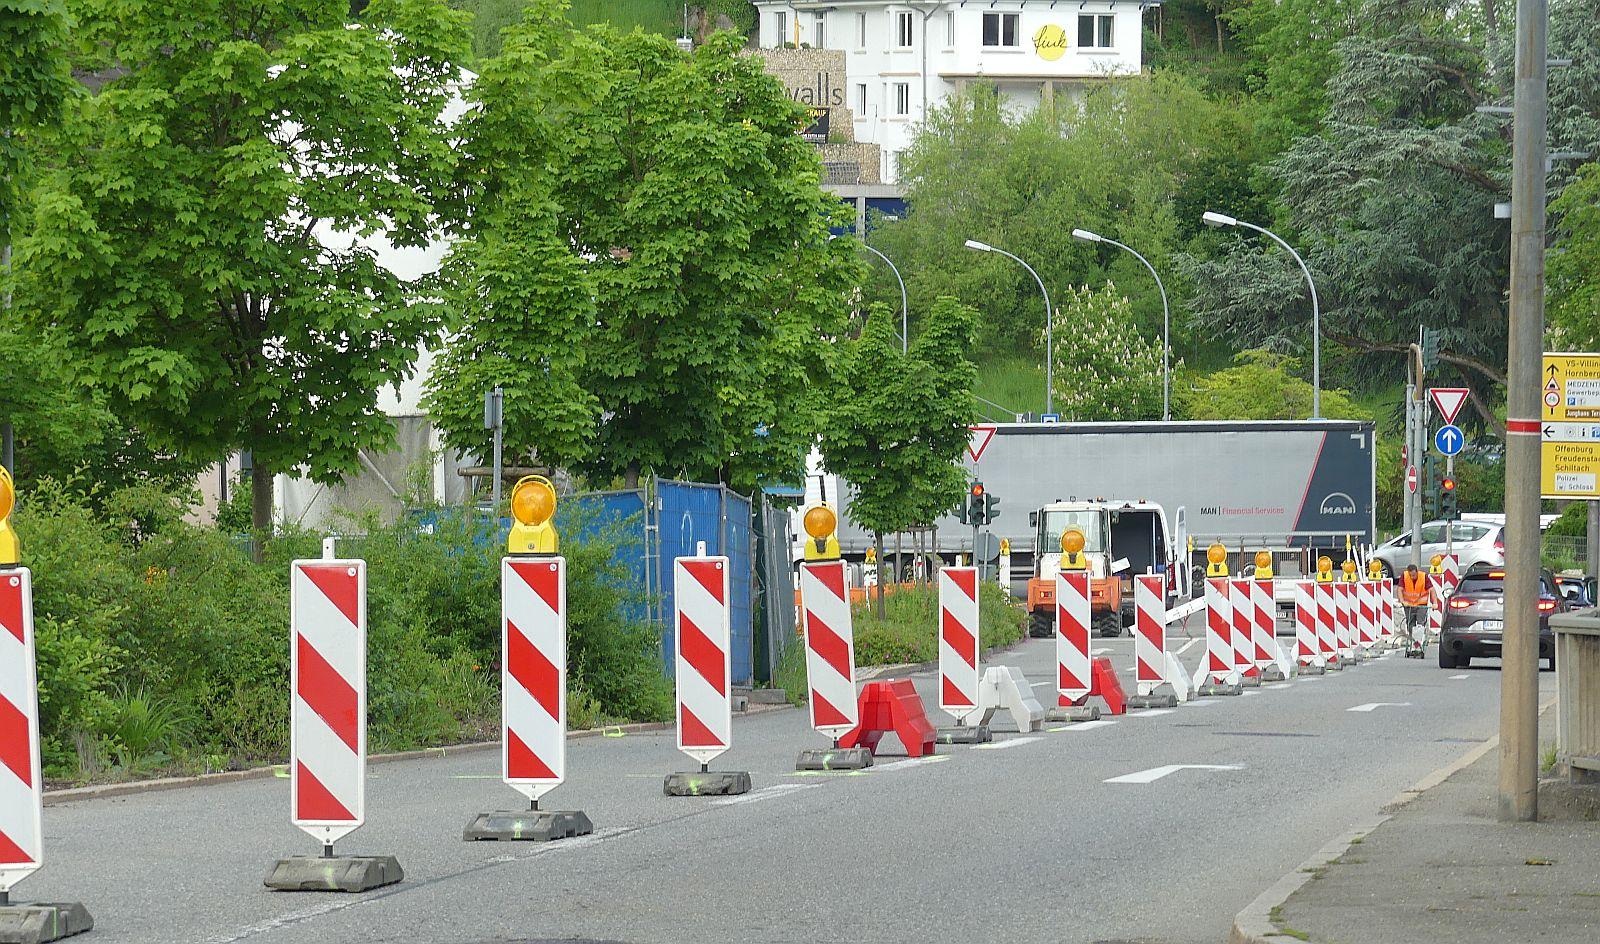 Keine Durchfahrt Richtung Tunnel oder Innenstadt: Bauarbeiter richteten am Freitagvormittag die Baustelle zwischen Paradiesplatz und Schlossplatz ein. Fotos: him